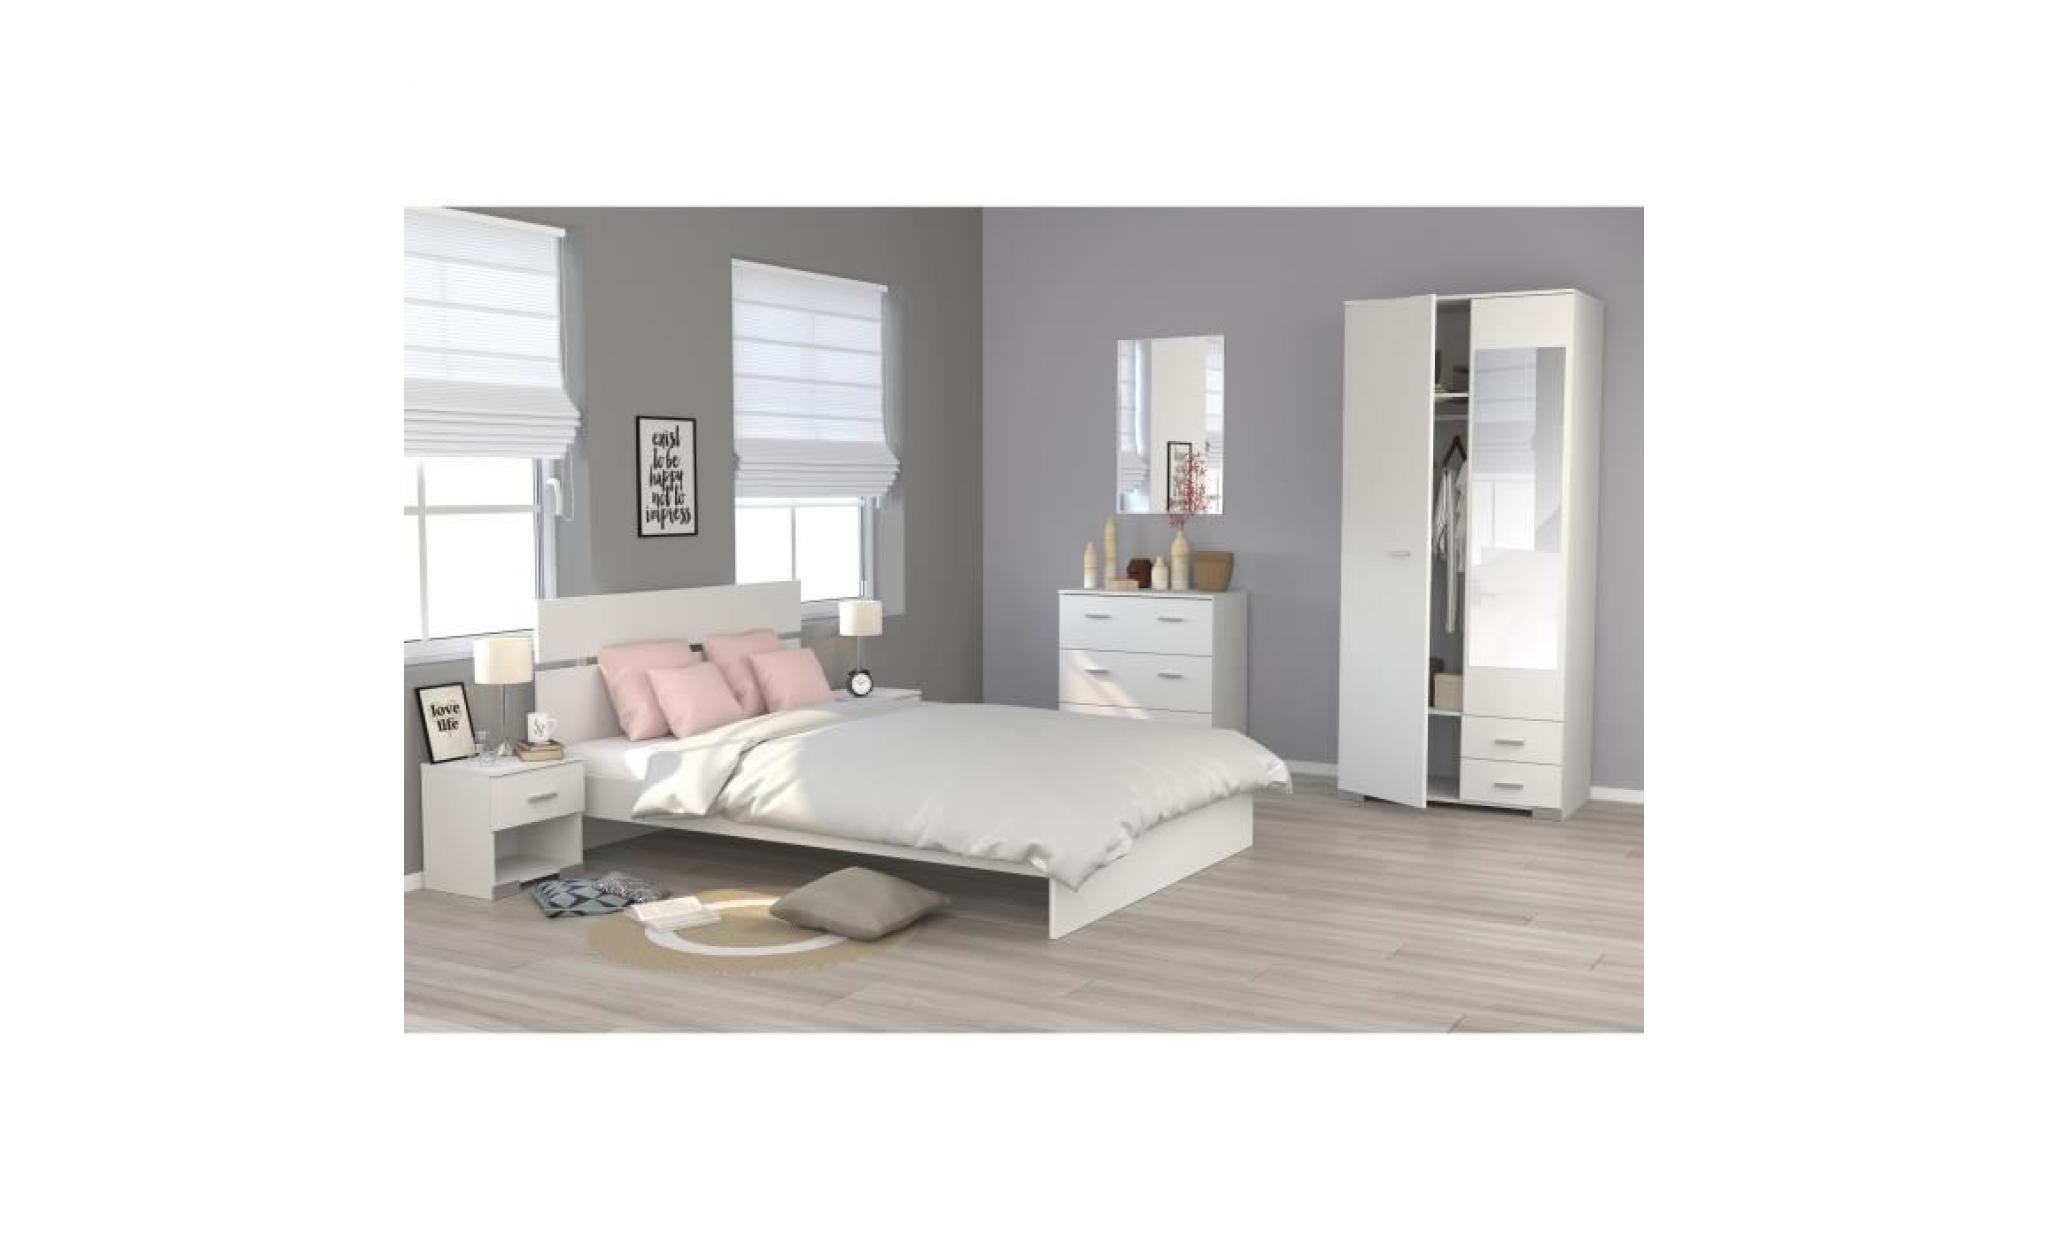 cosmos commode de chambre style contemporain décor blanc l 76,5 cm